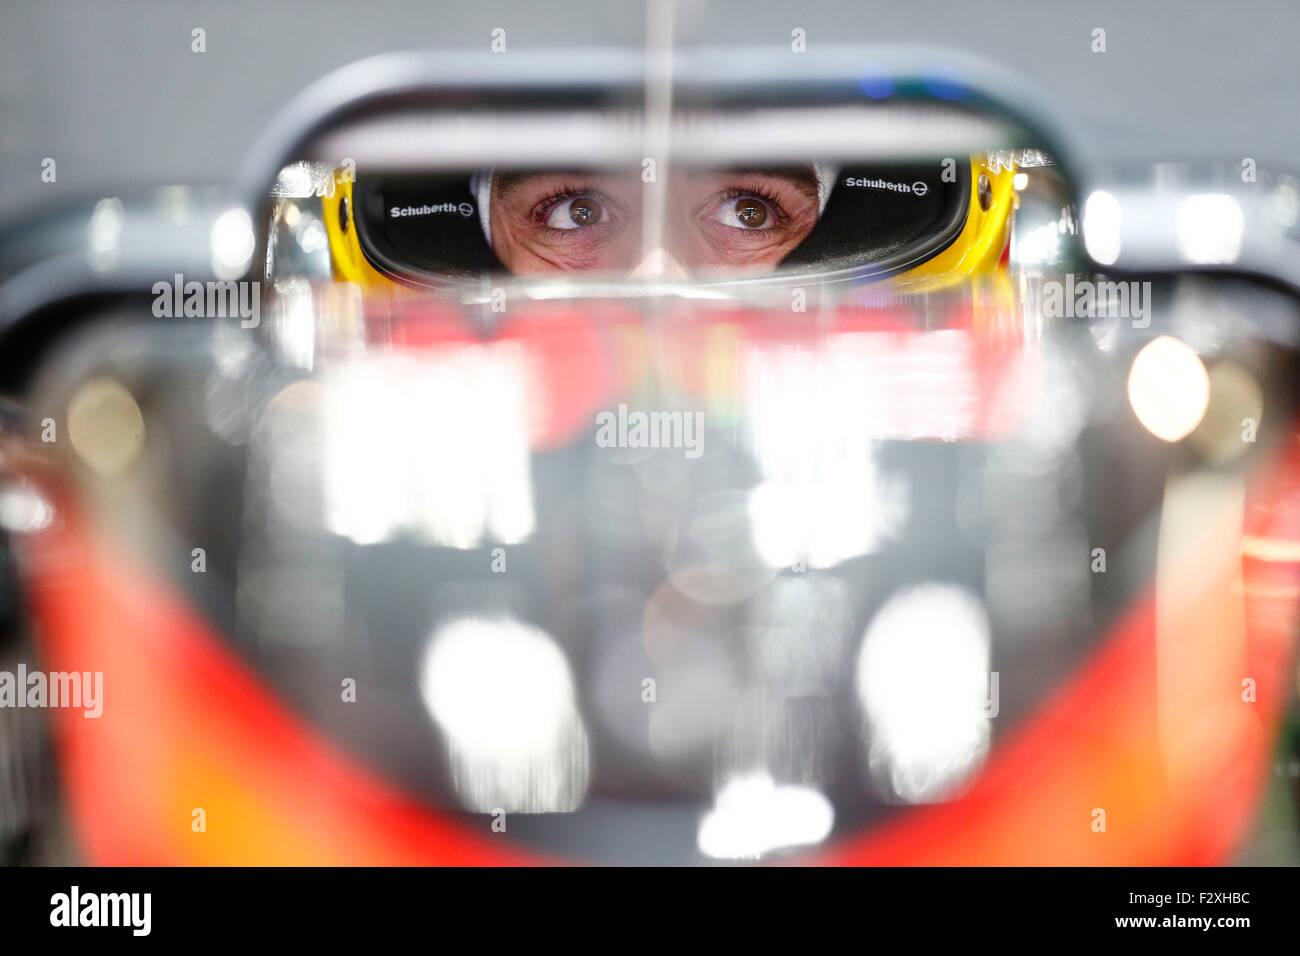 Automovilismo: Campeonato del Mundo de Fórmula Uno FIA 2015, el Gran Premio de Japón, #14 Fernando Alonso Imagen De Stock